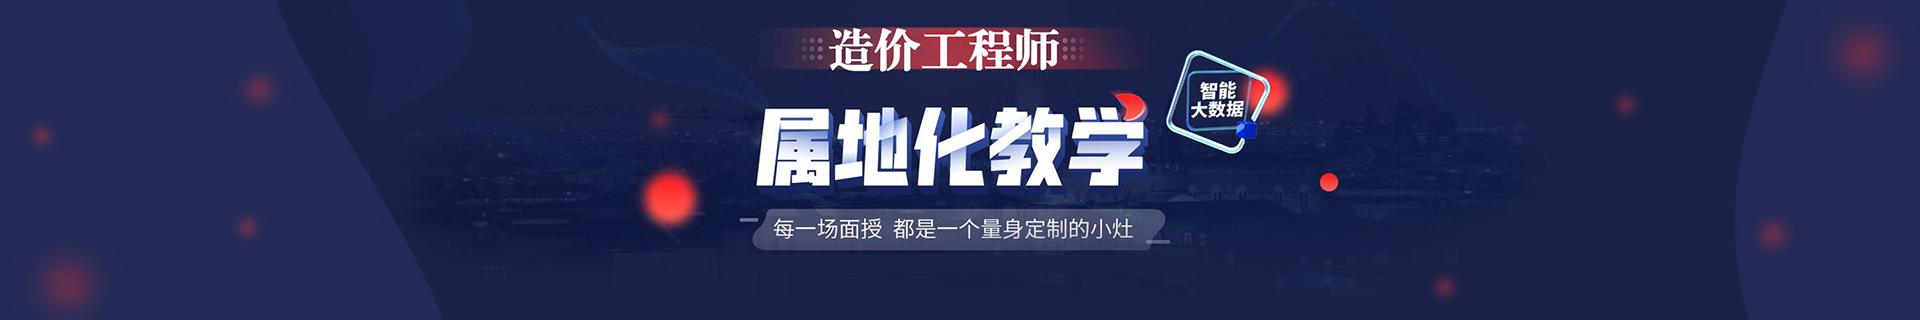 吉林通化优路教育培训学校